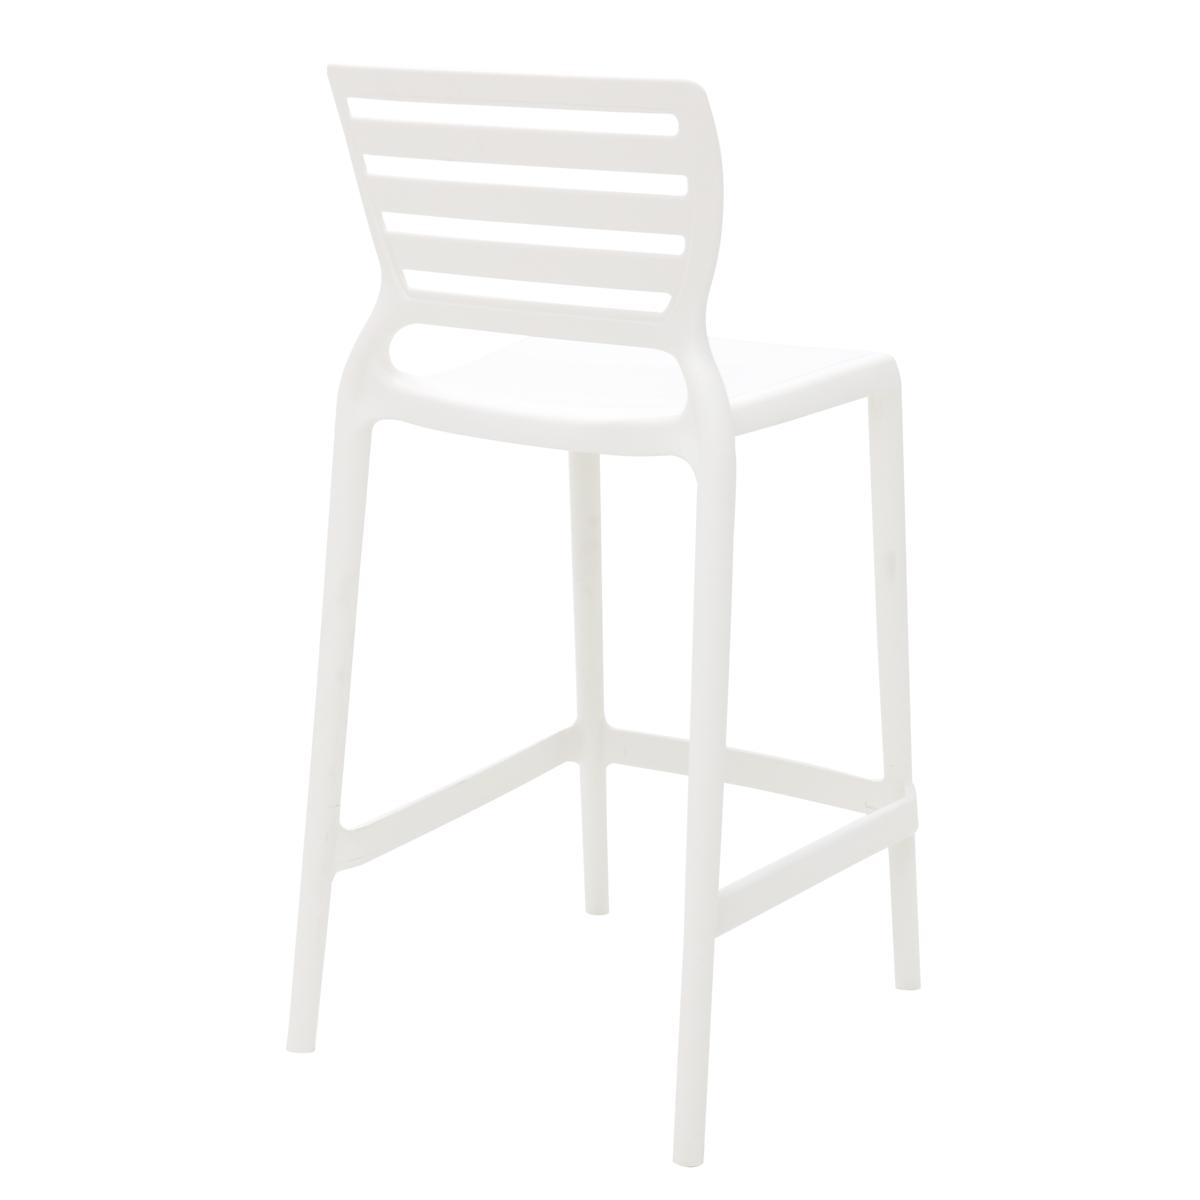 Banqueta Sofia Alta Branca em Polipropileno e Fibra de Vidro Tramontina 92127010